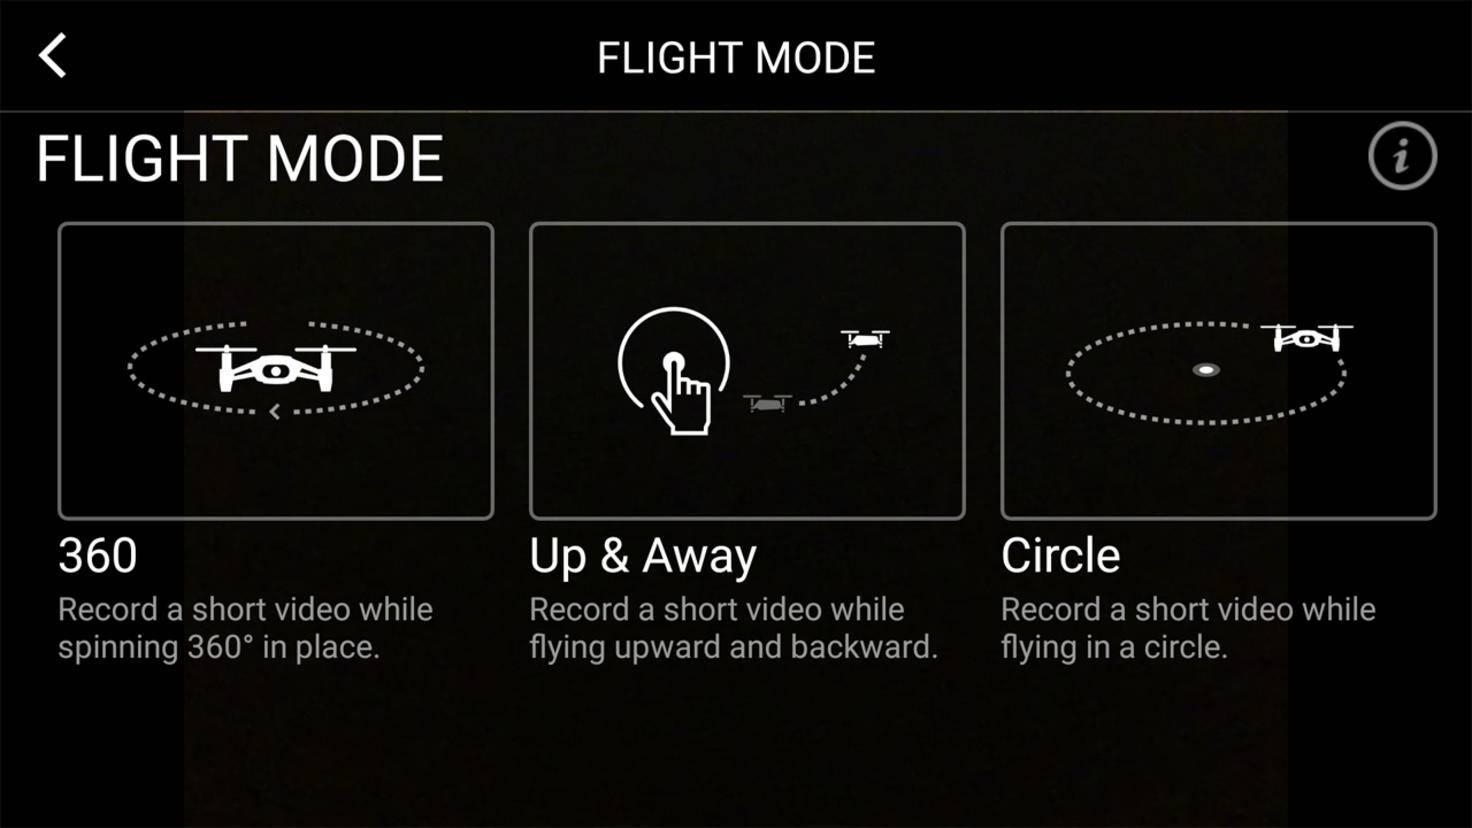 ... oder andere automatisierte Flugmanöver ausführen.